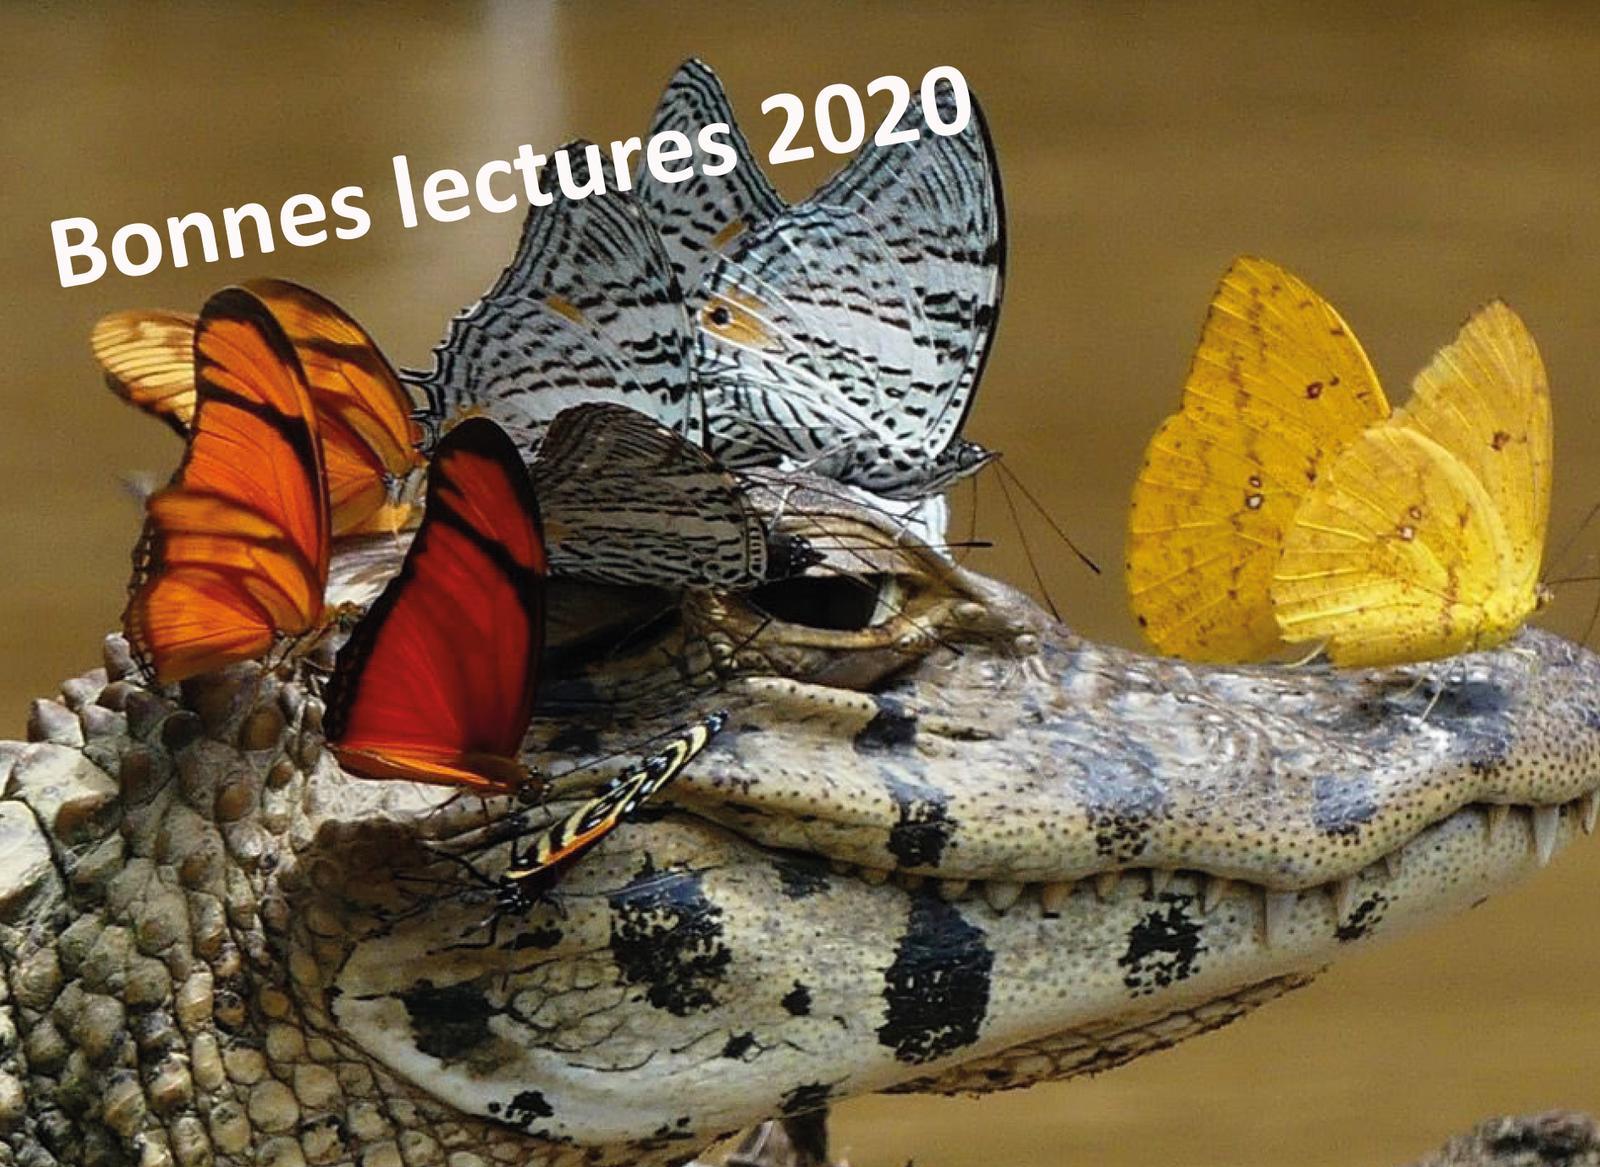 Bonnes lectures 2020